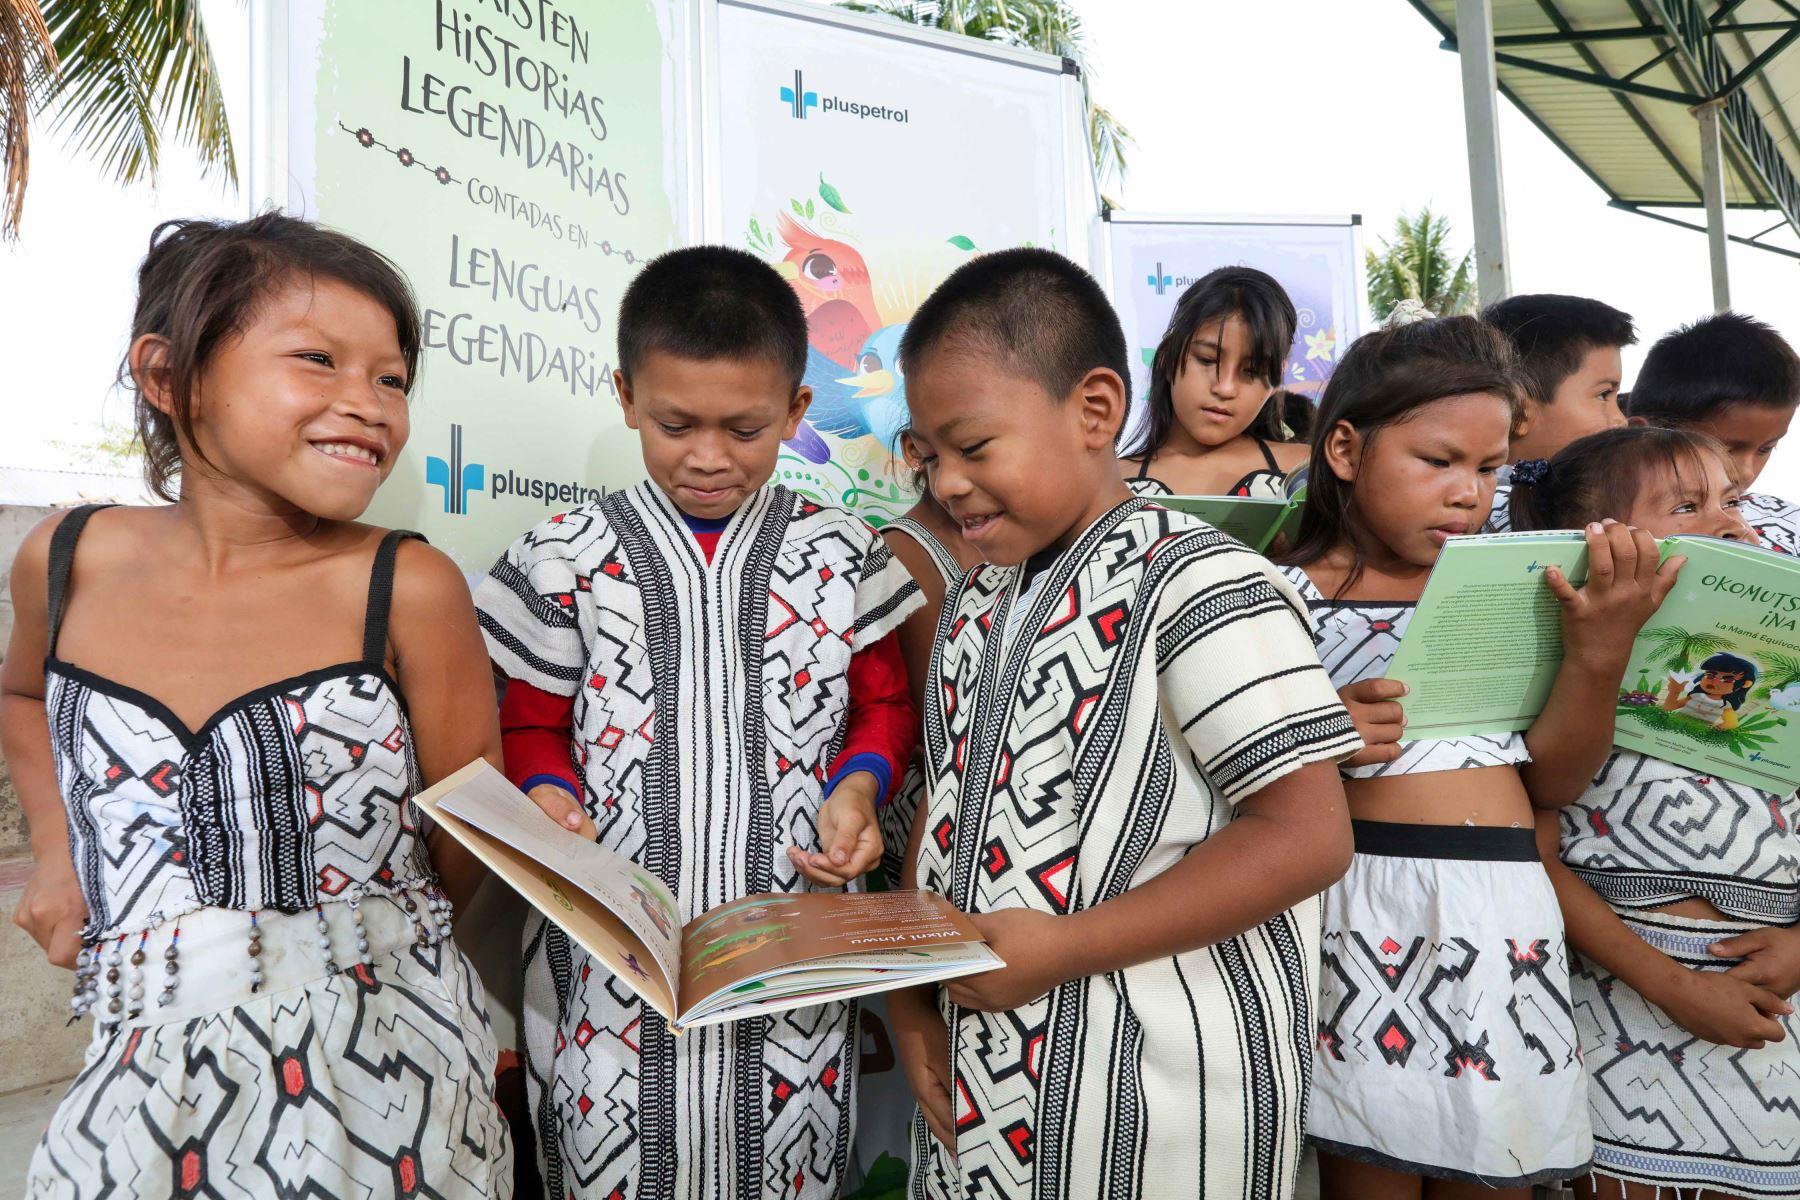 Entregan libros de cuentos escritos en idioma yine y matsigenka a niños de esos pueblos amazónicos ubicados en la selva de Cusco. ANDINA/Difusión